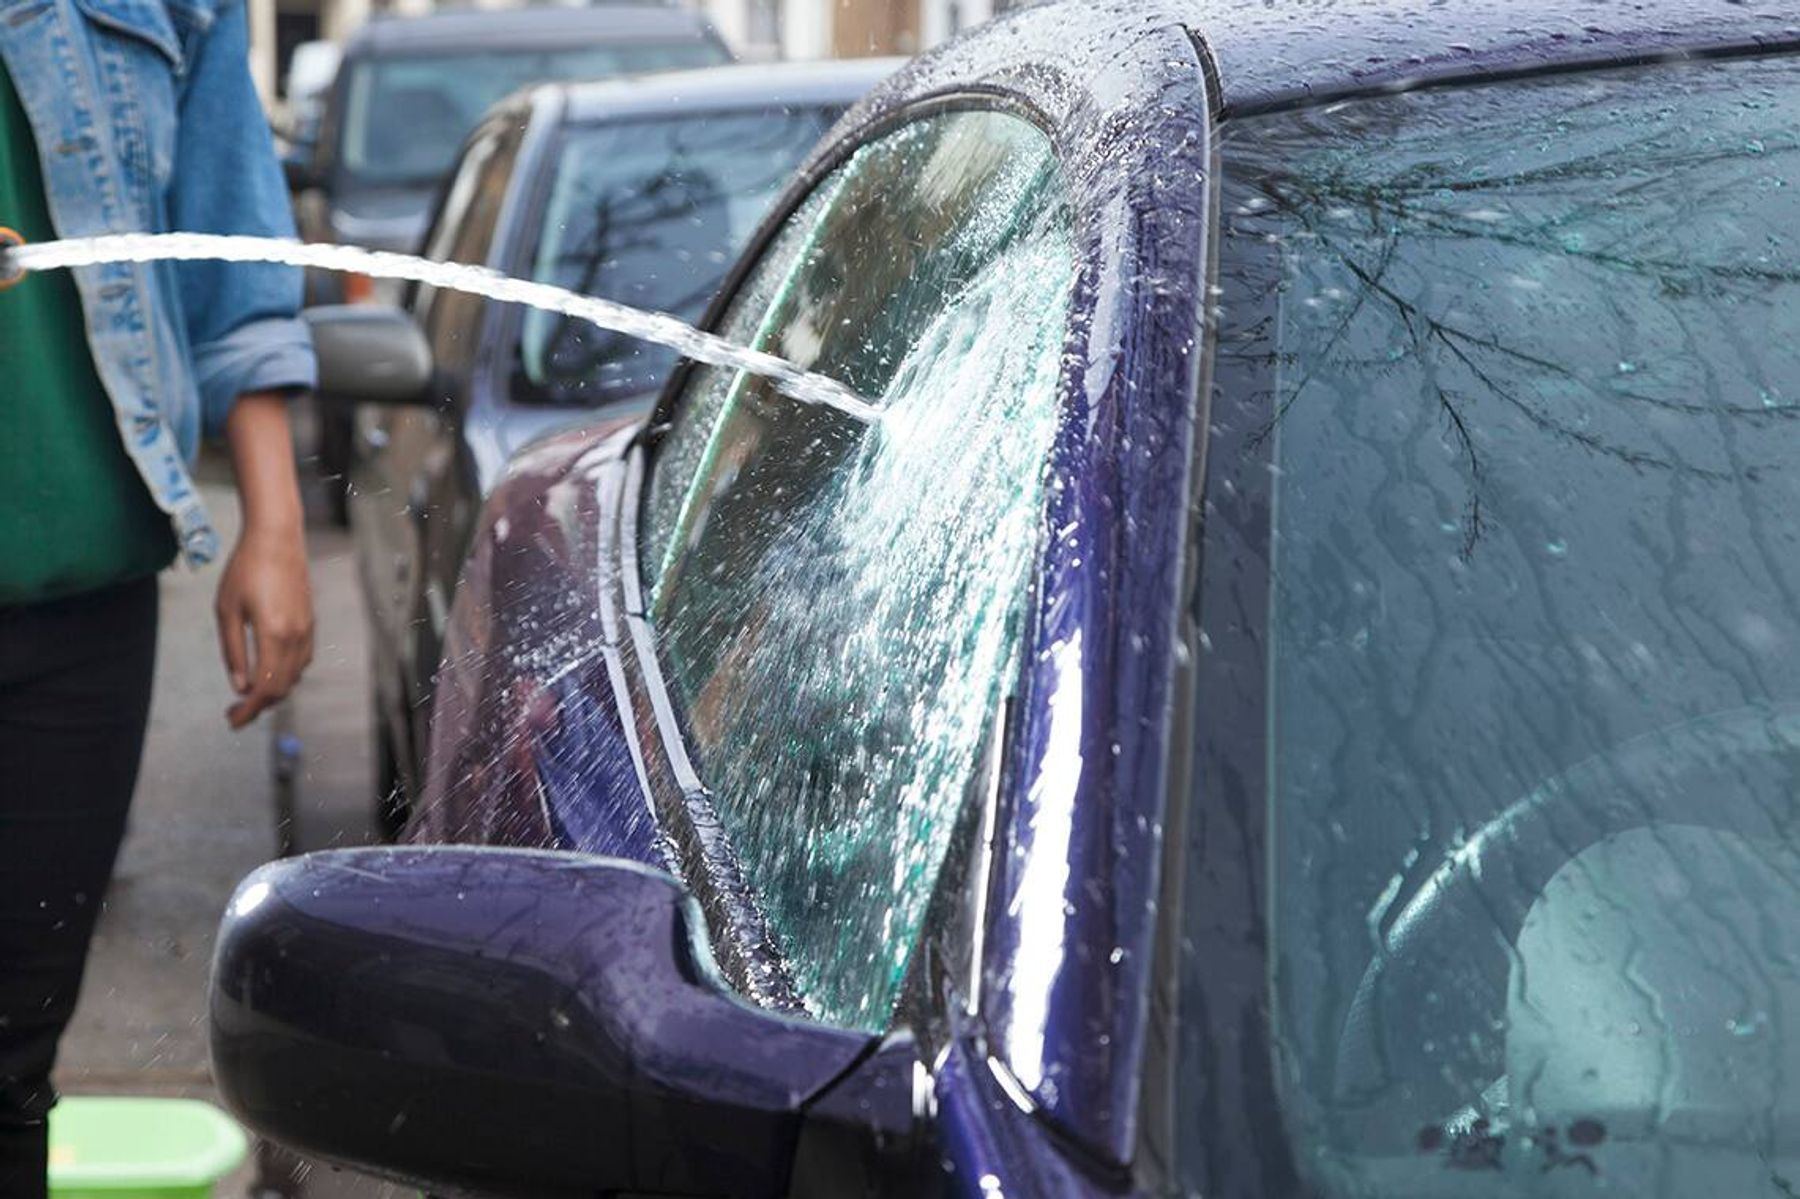 reinigung von autos